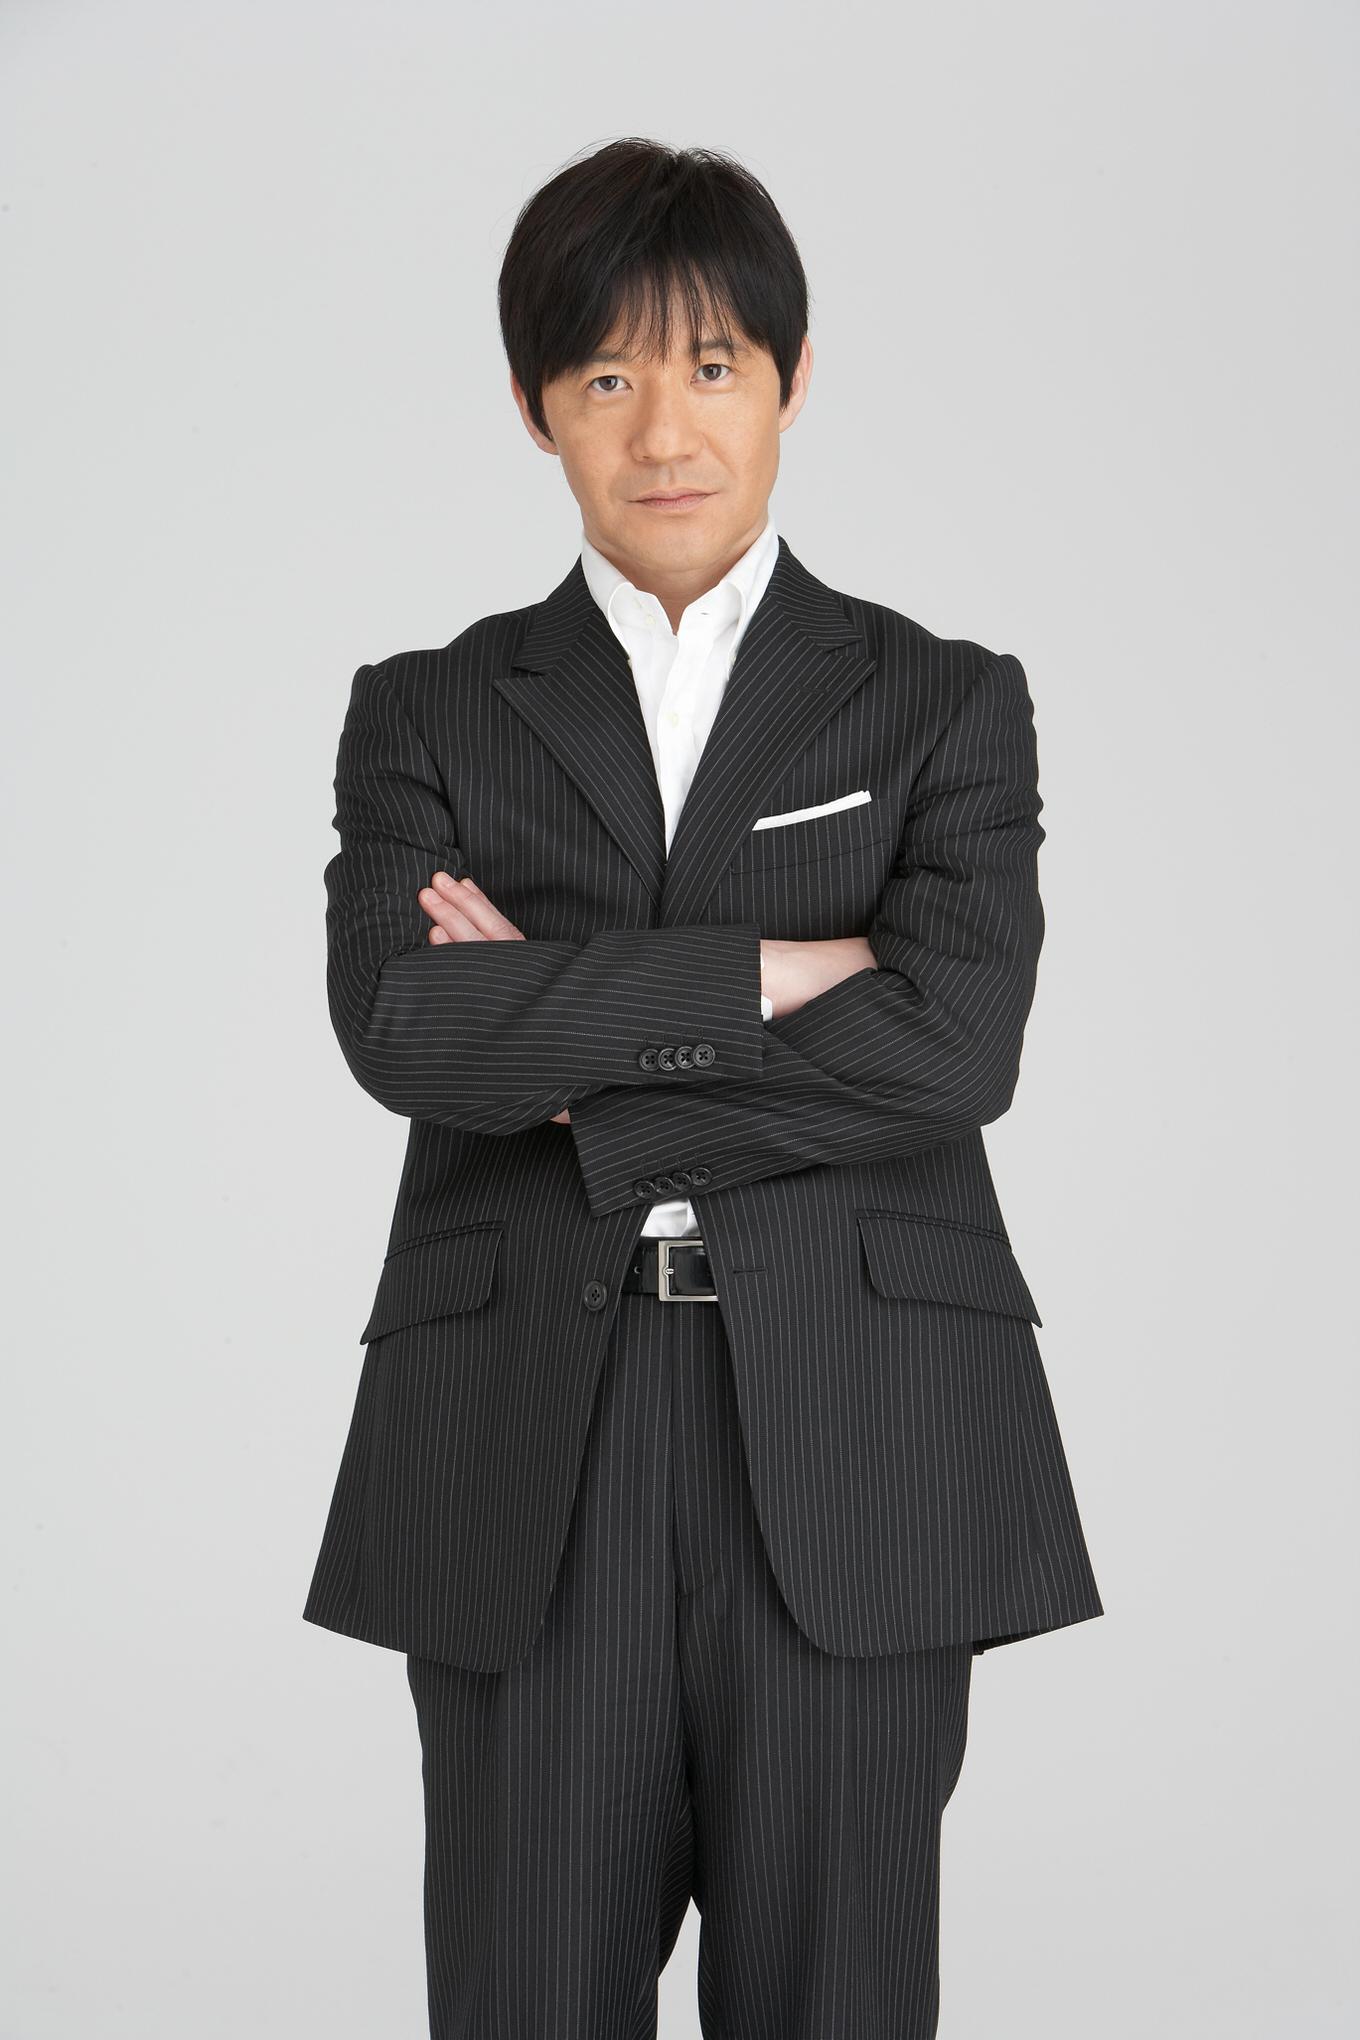 uchimura-teruyoshi